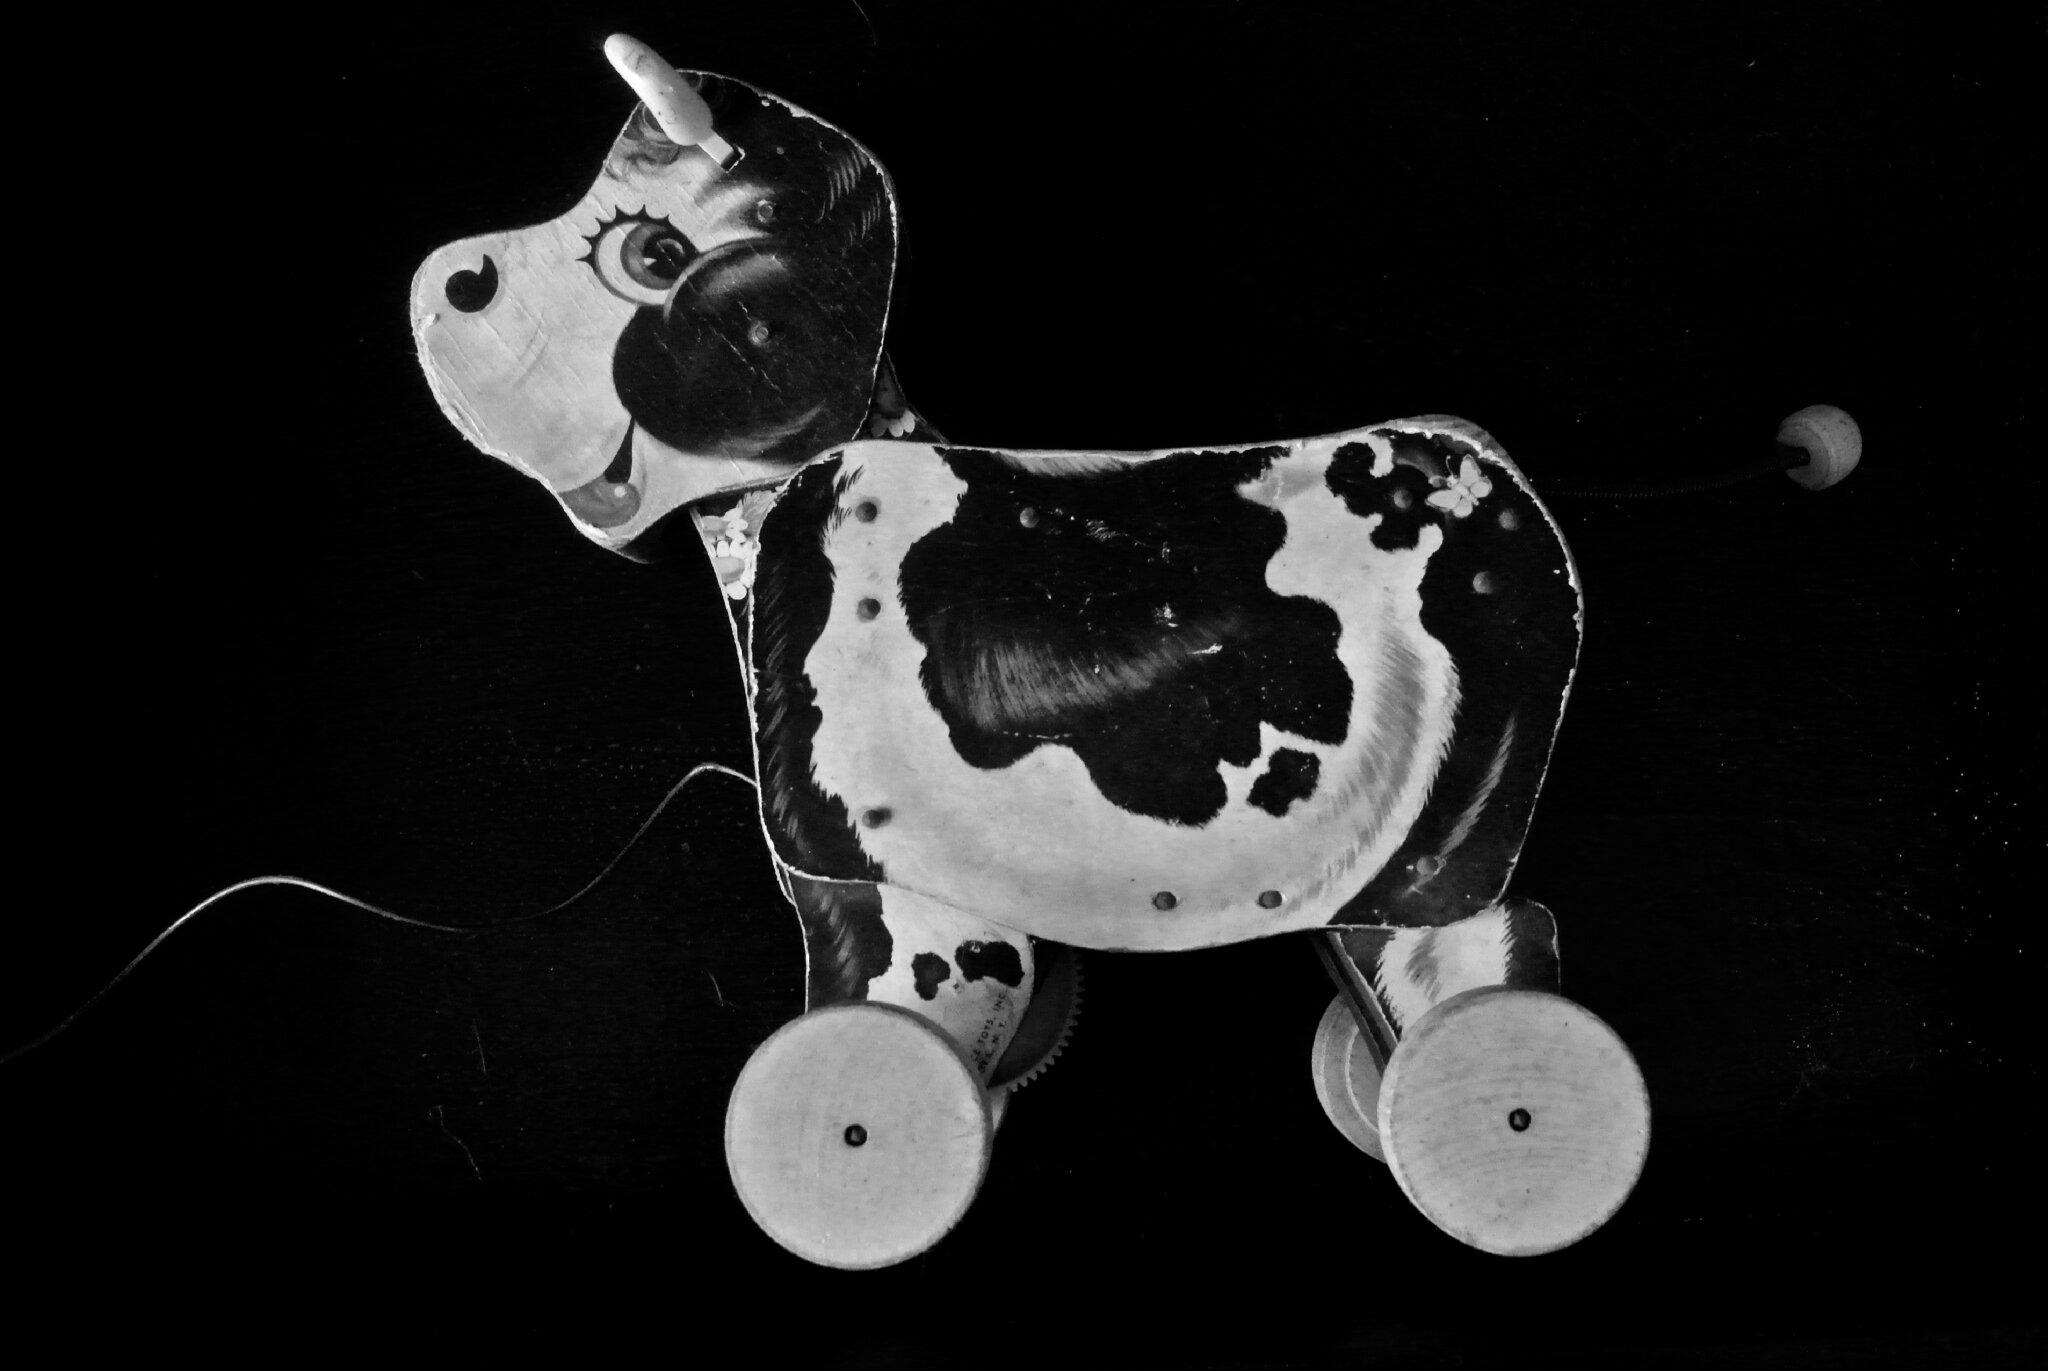 Vache à tirer, jouet vintage